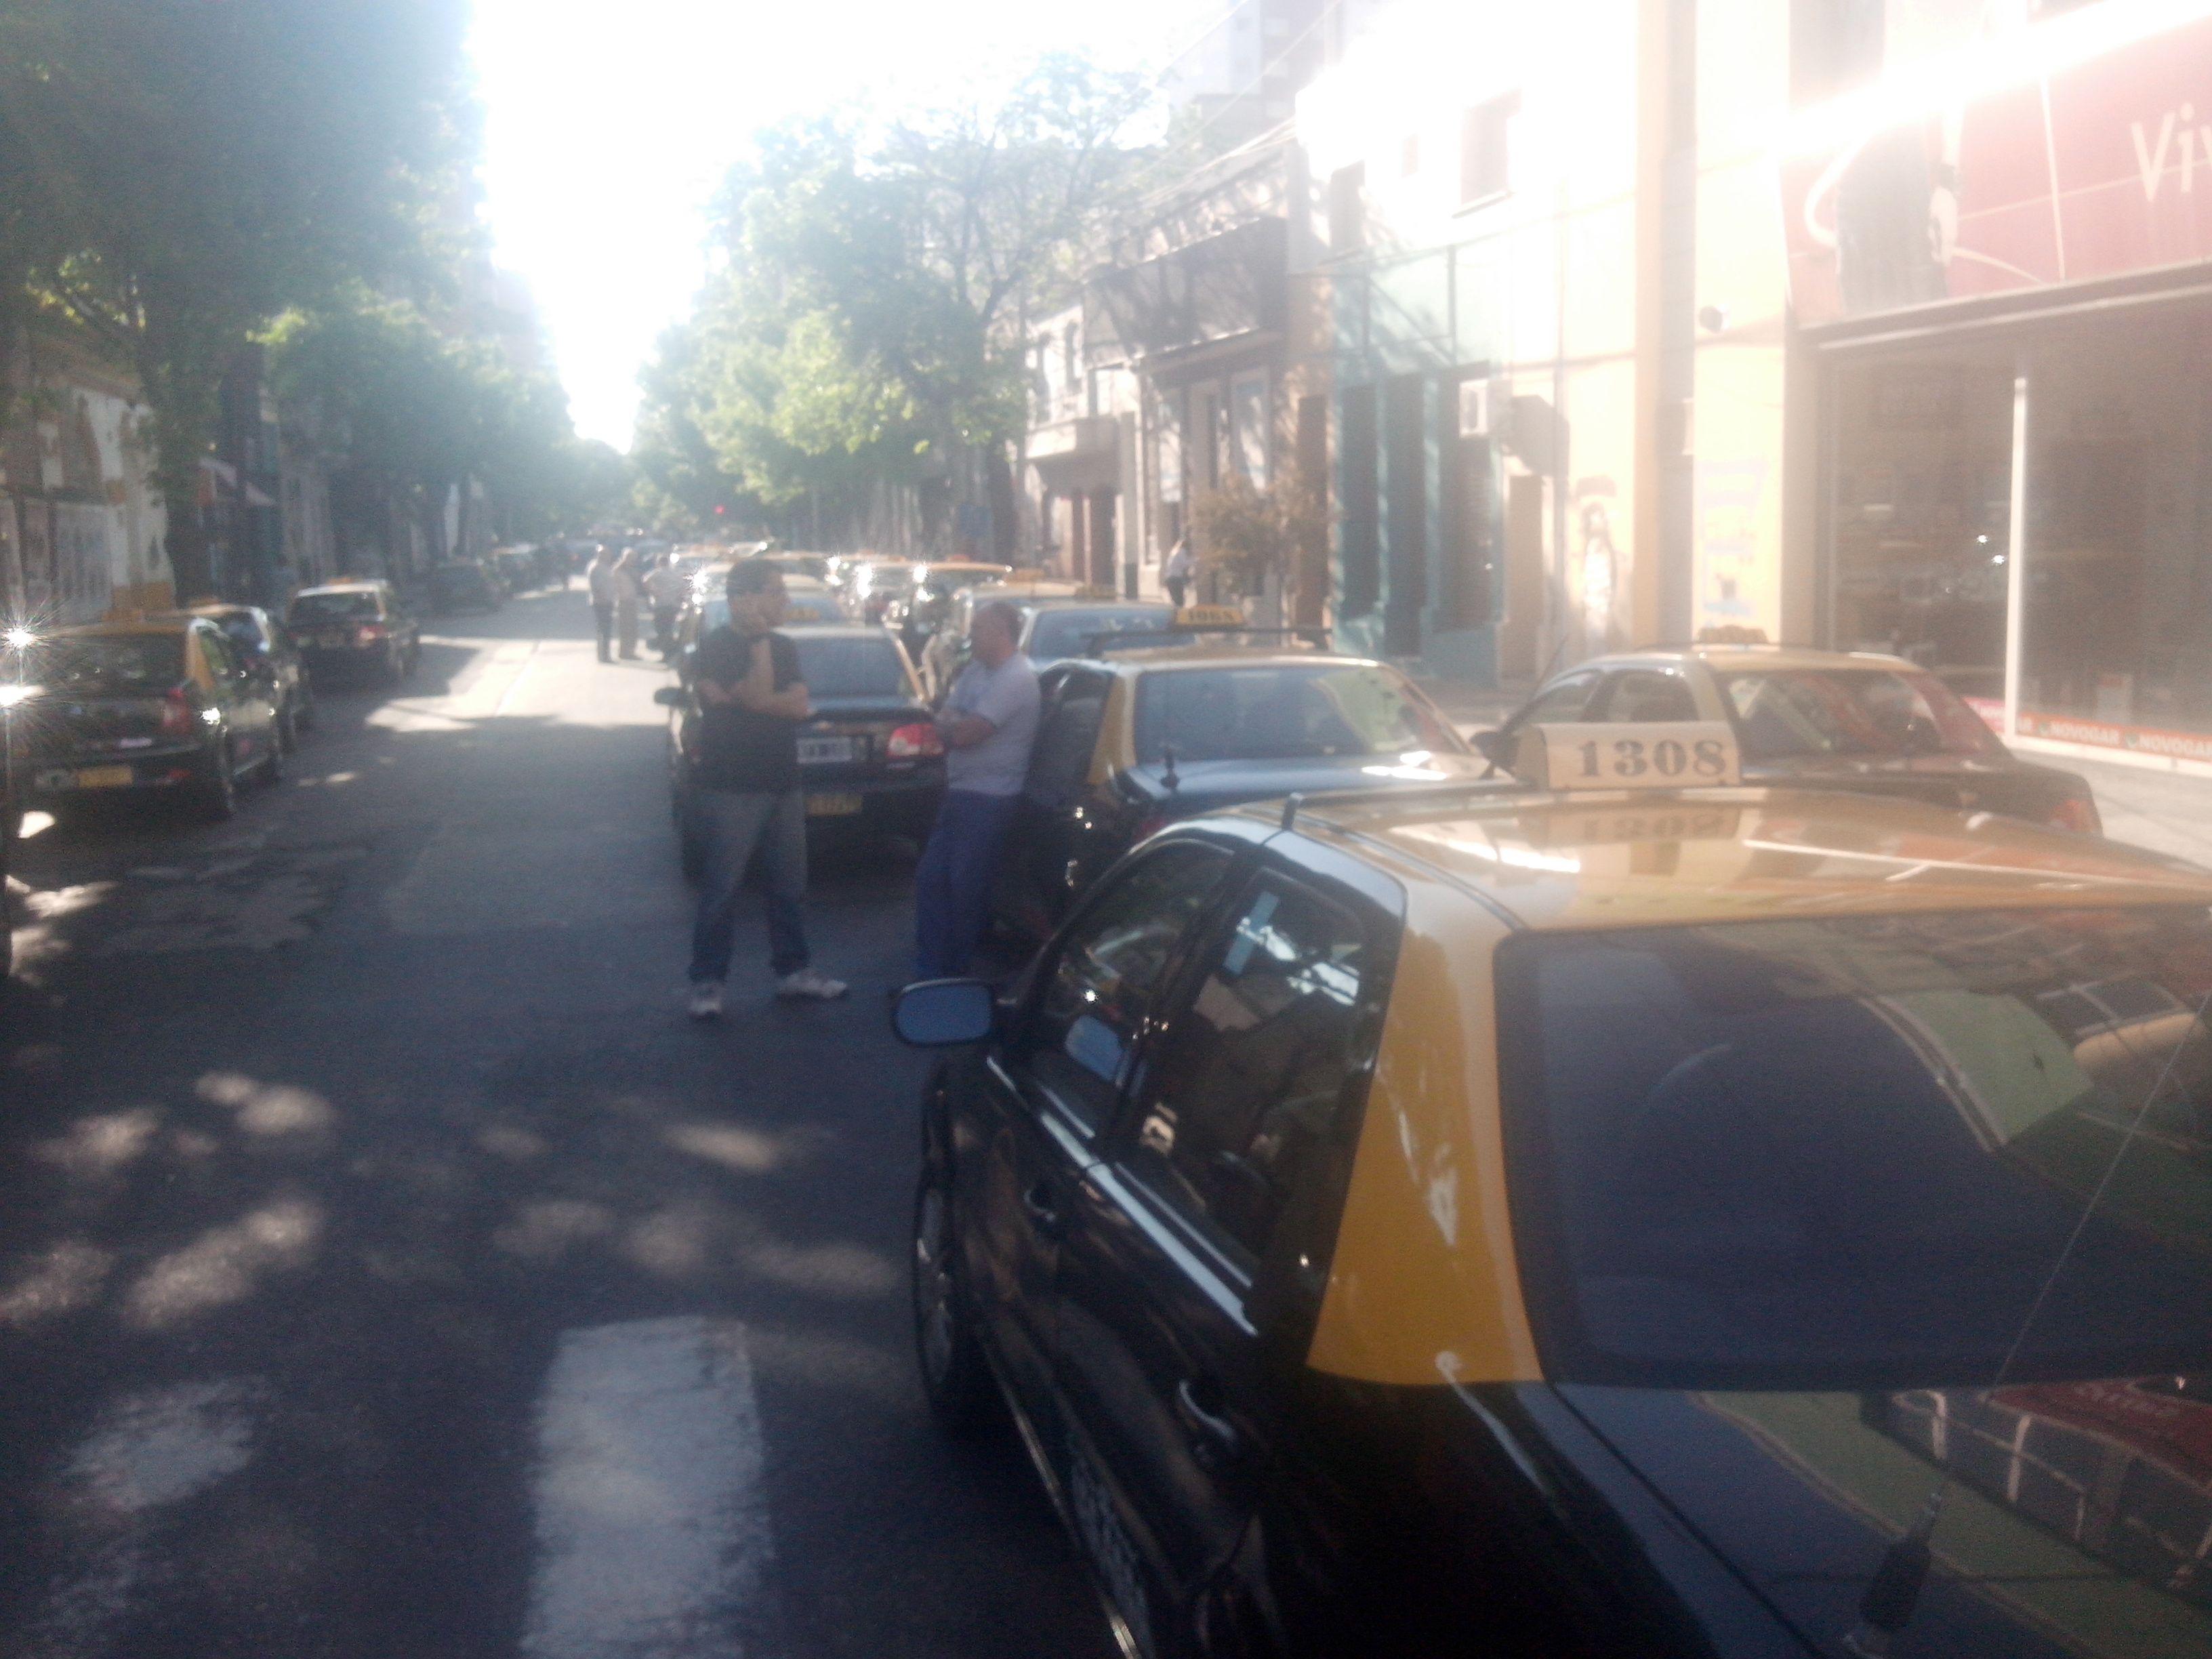 Los taxistas comparon las inmediaciones del domicilio particular de Lamberto. (Foto: Sebastián S. Meccia)